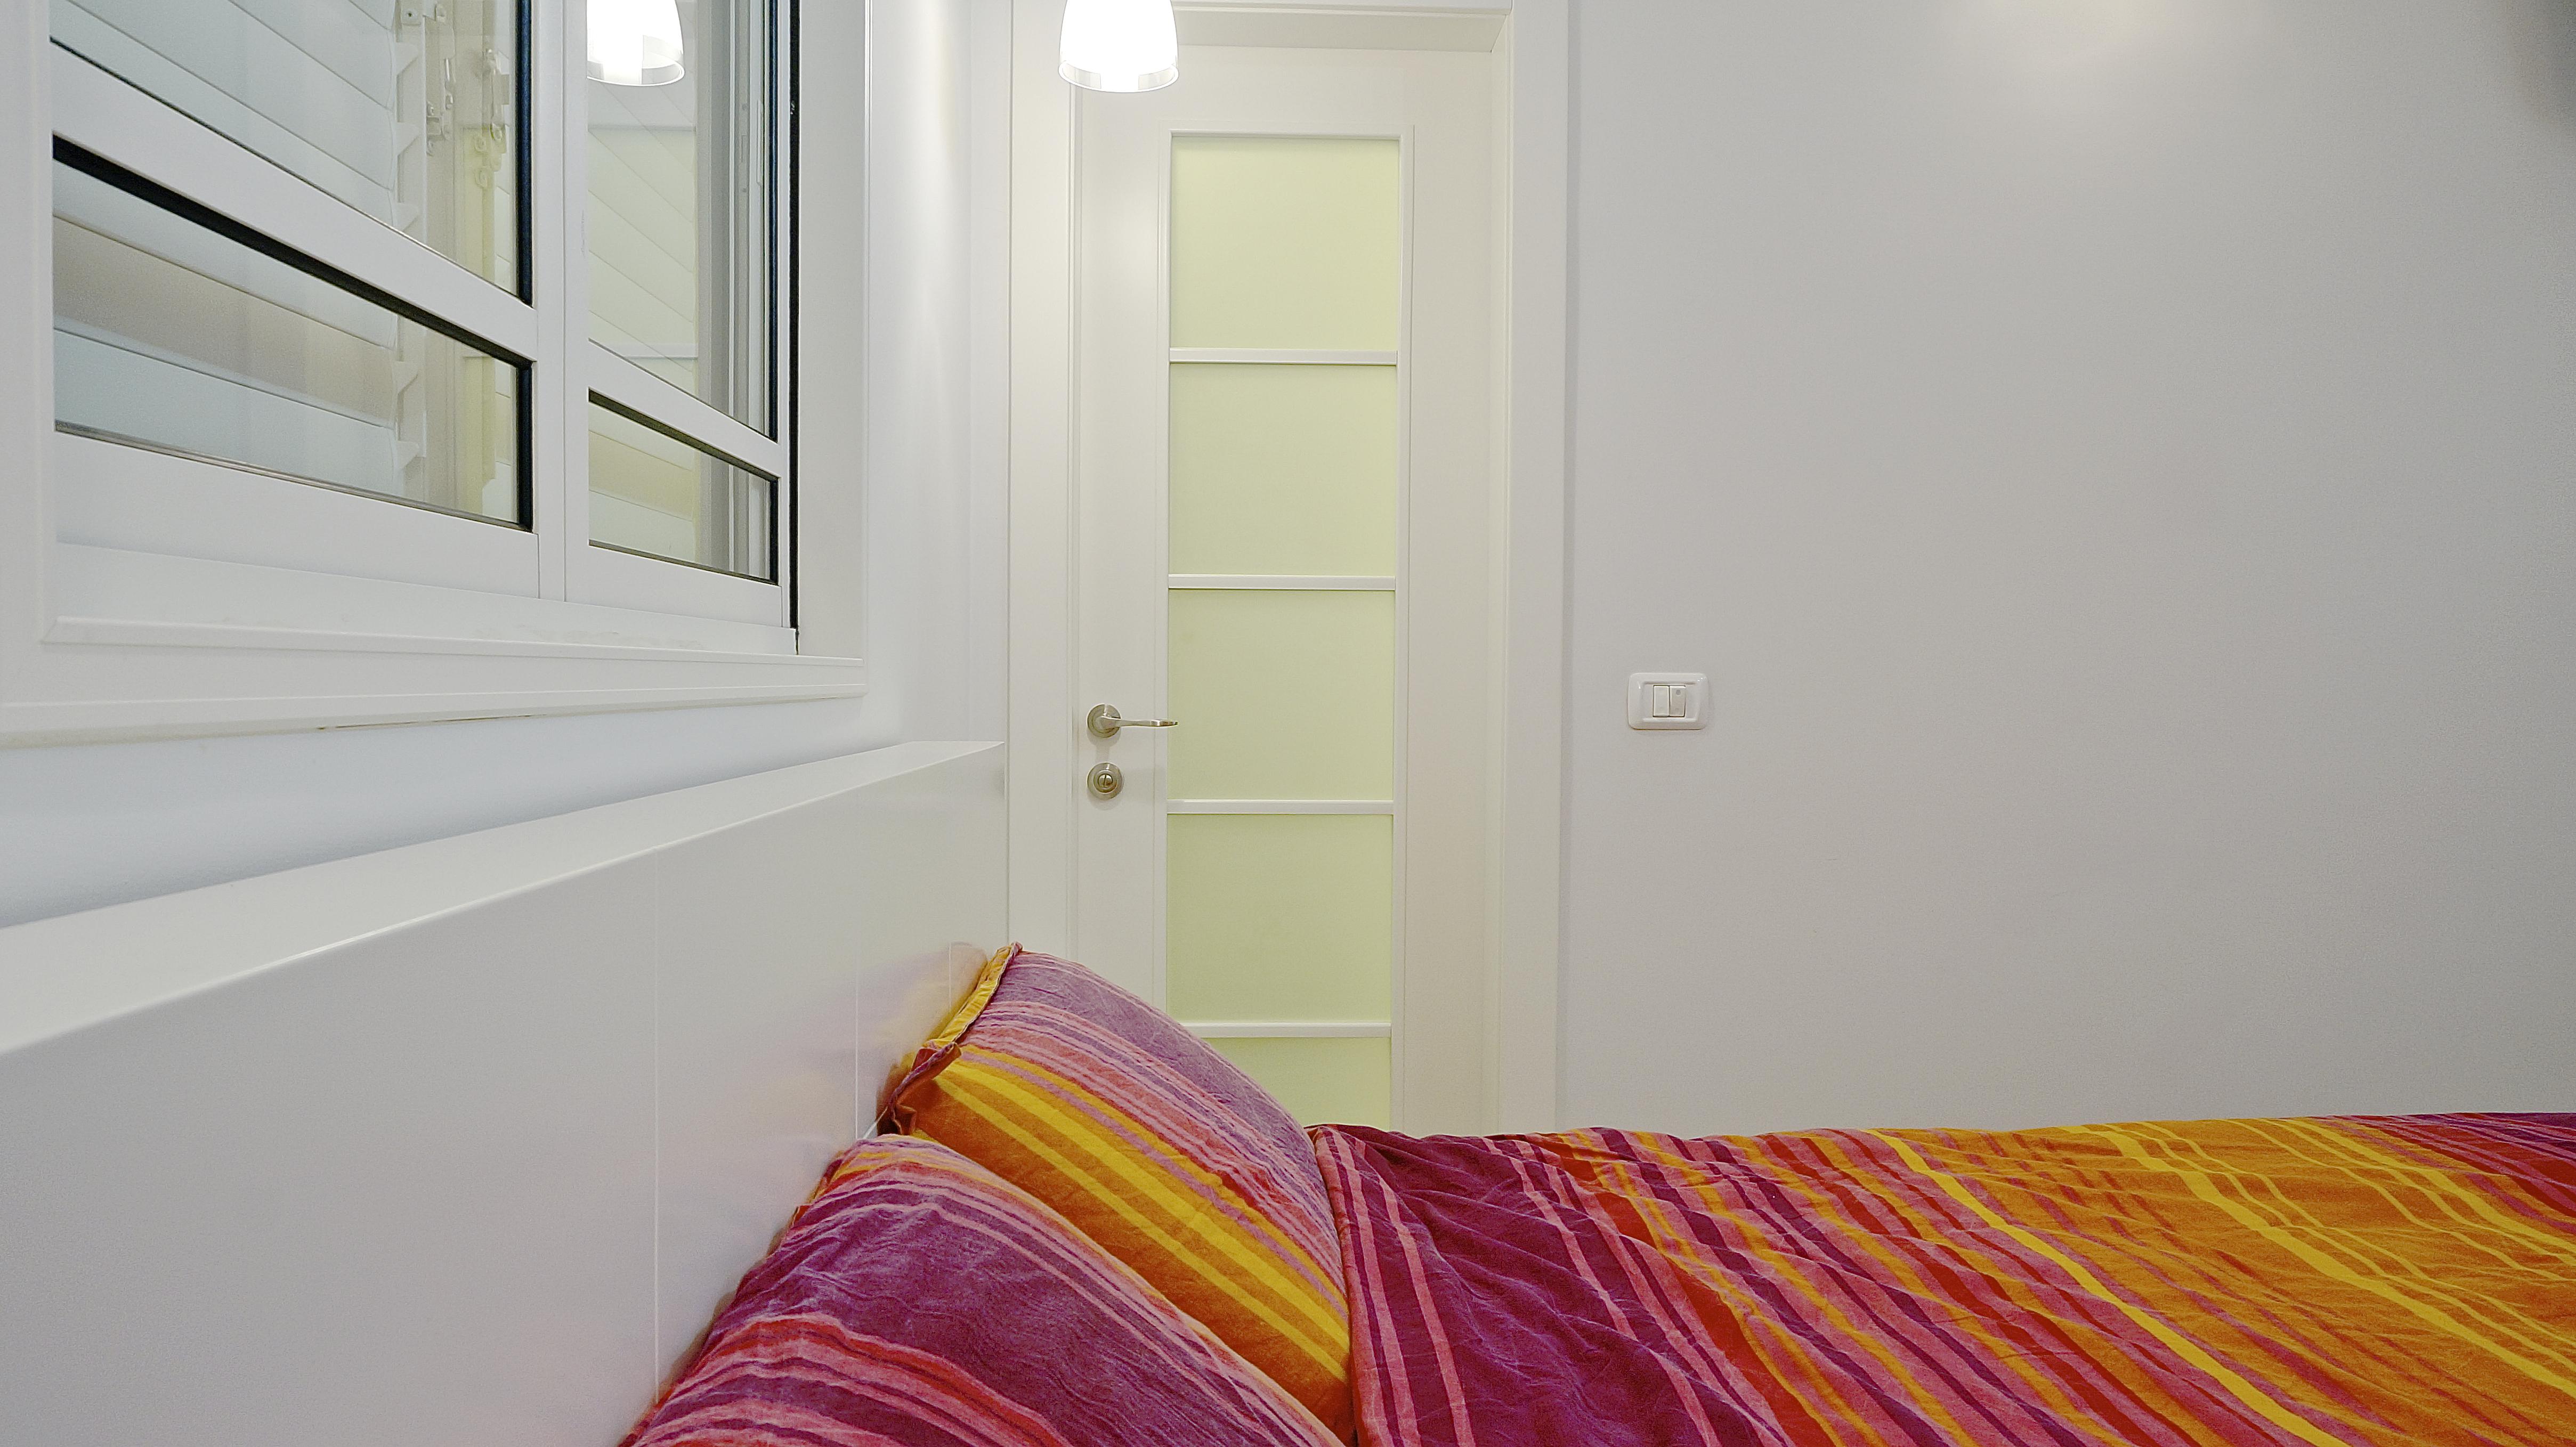 דלת פנים בחדר השינה